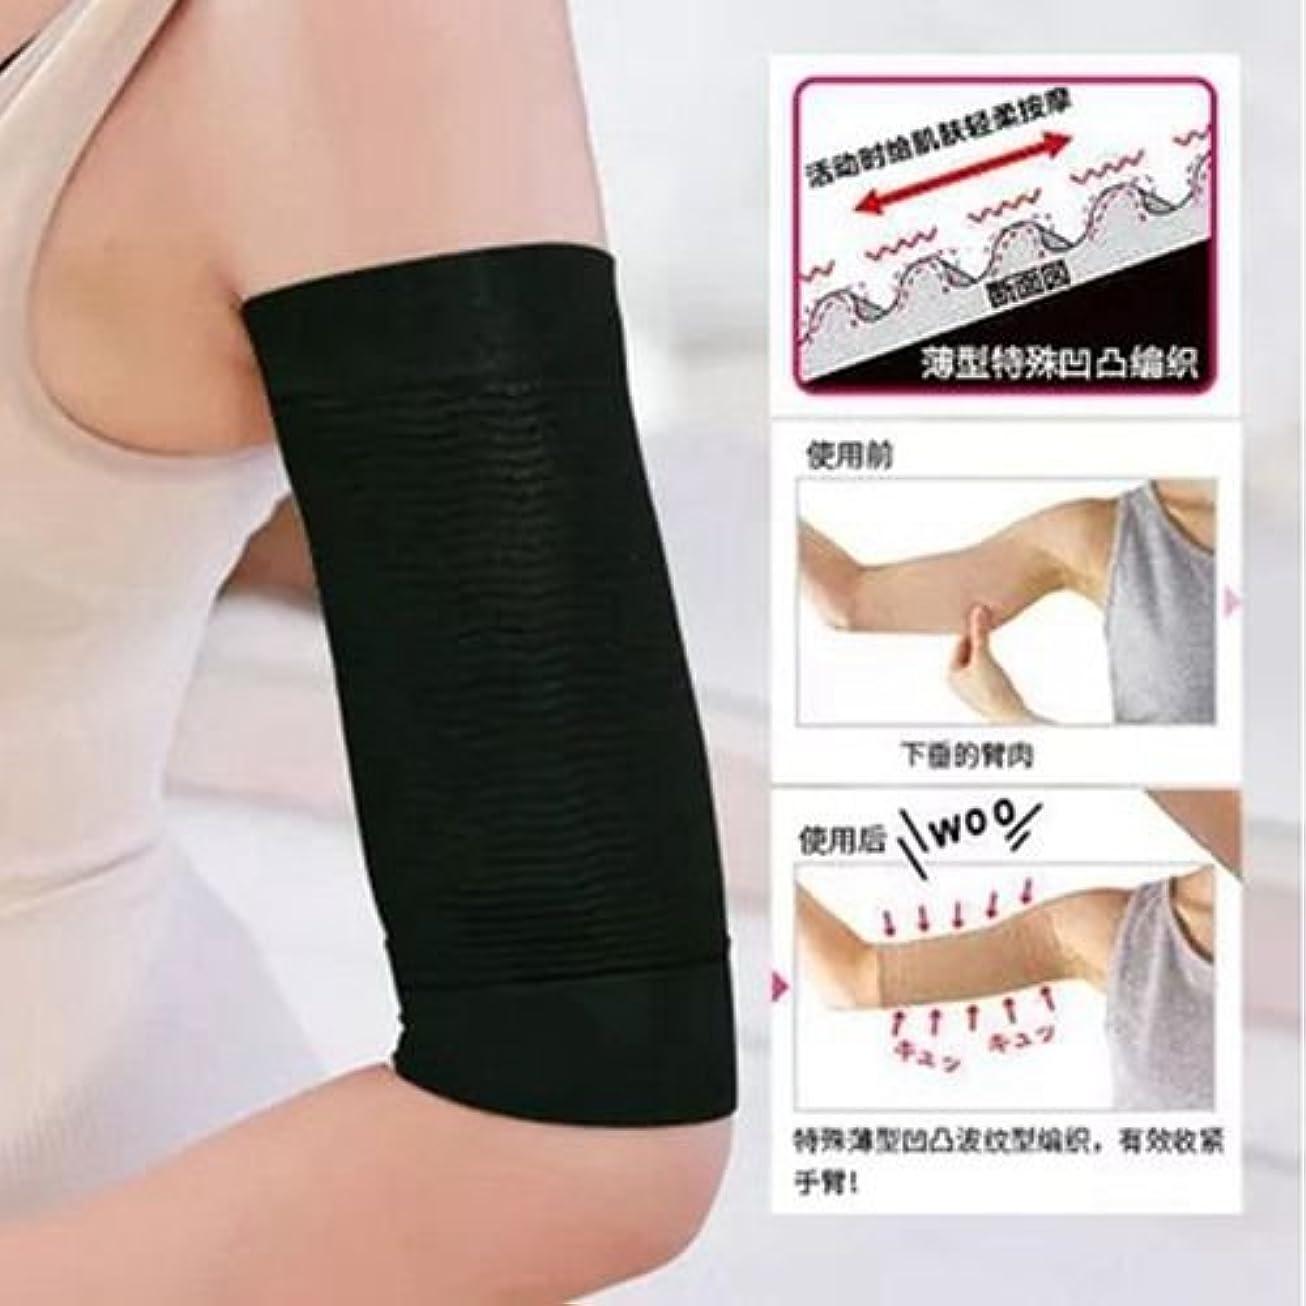 連合同様にピッチThreeCat ダイエット 腕2枚組 420D マッサージ 脂肪燃焼 バストアップレディース 女性 二の腕シェイパー size 20~30cm (ベージュ)